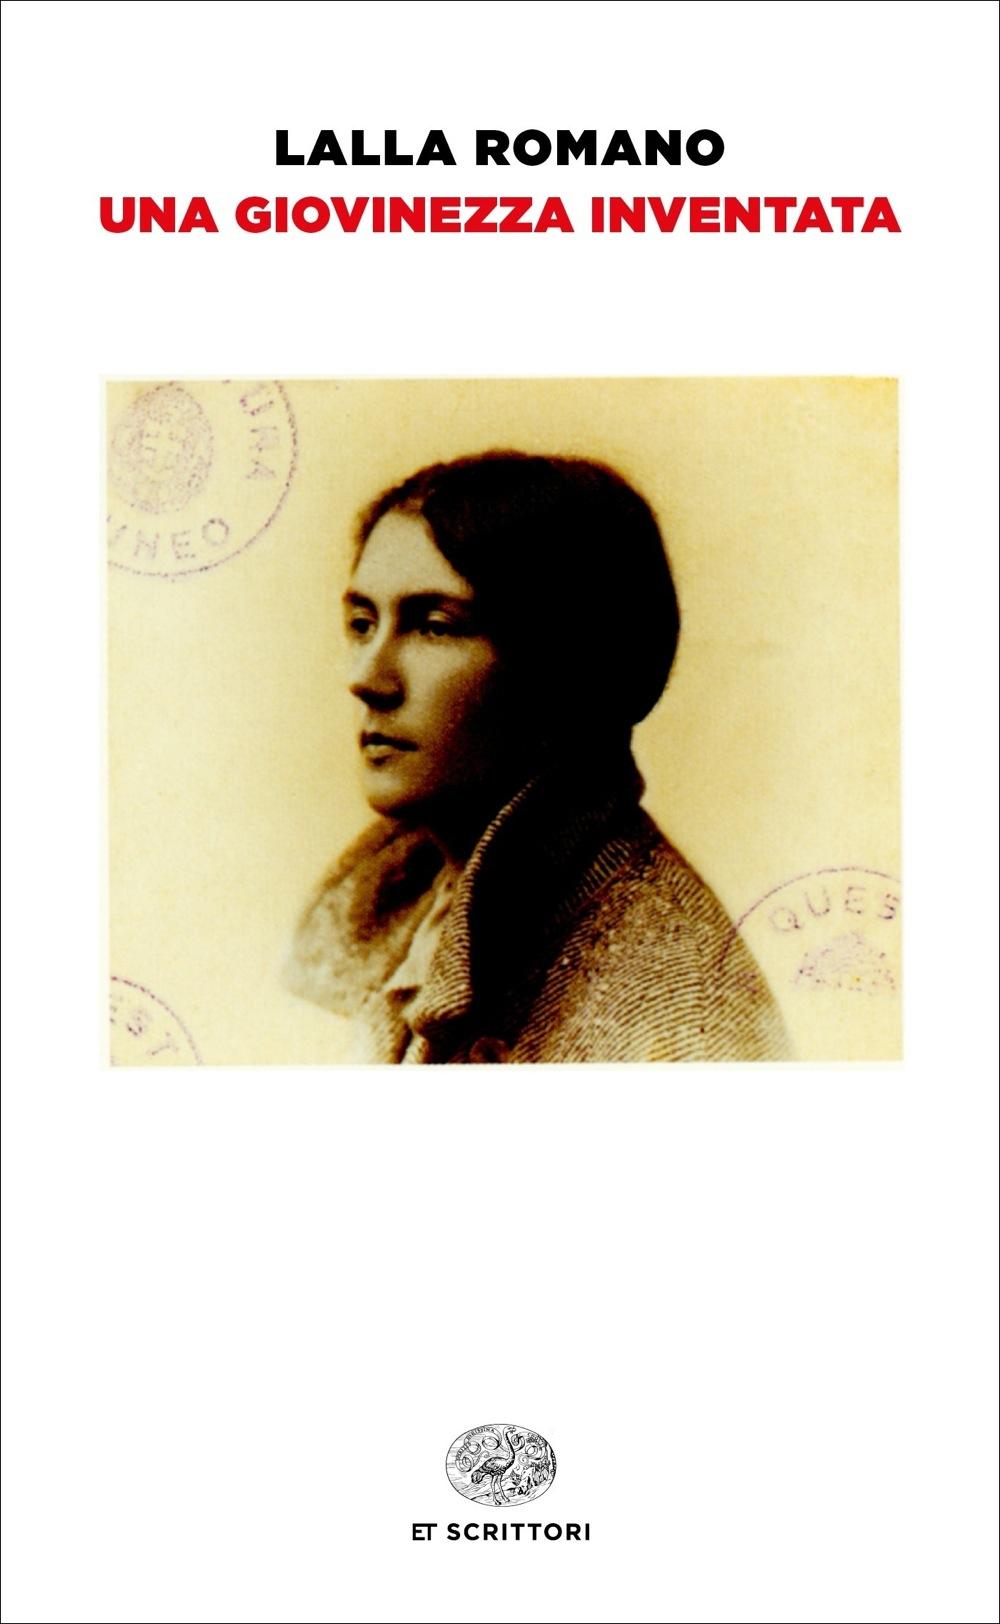 Lalla Romano è una scrittrice visiva